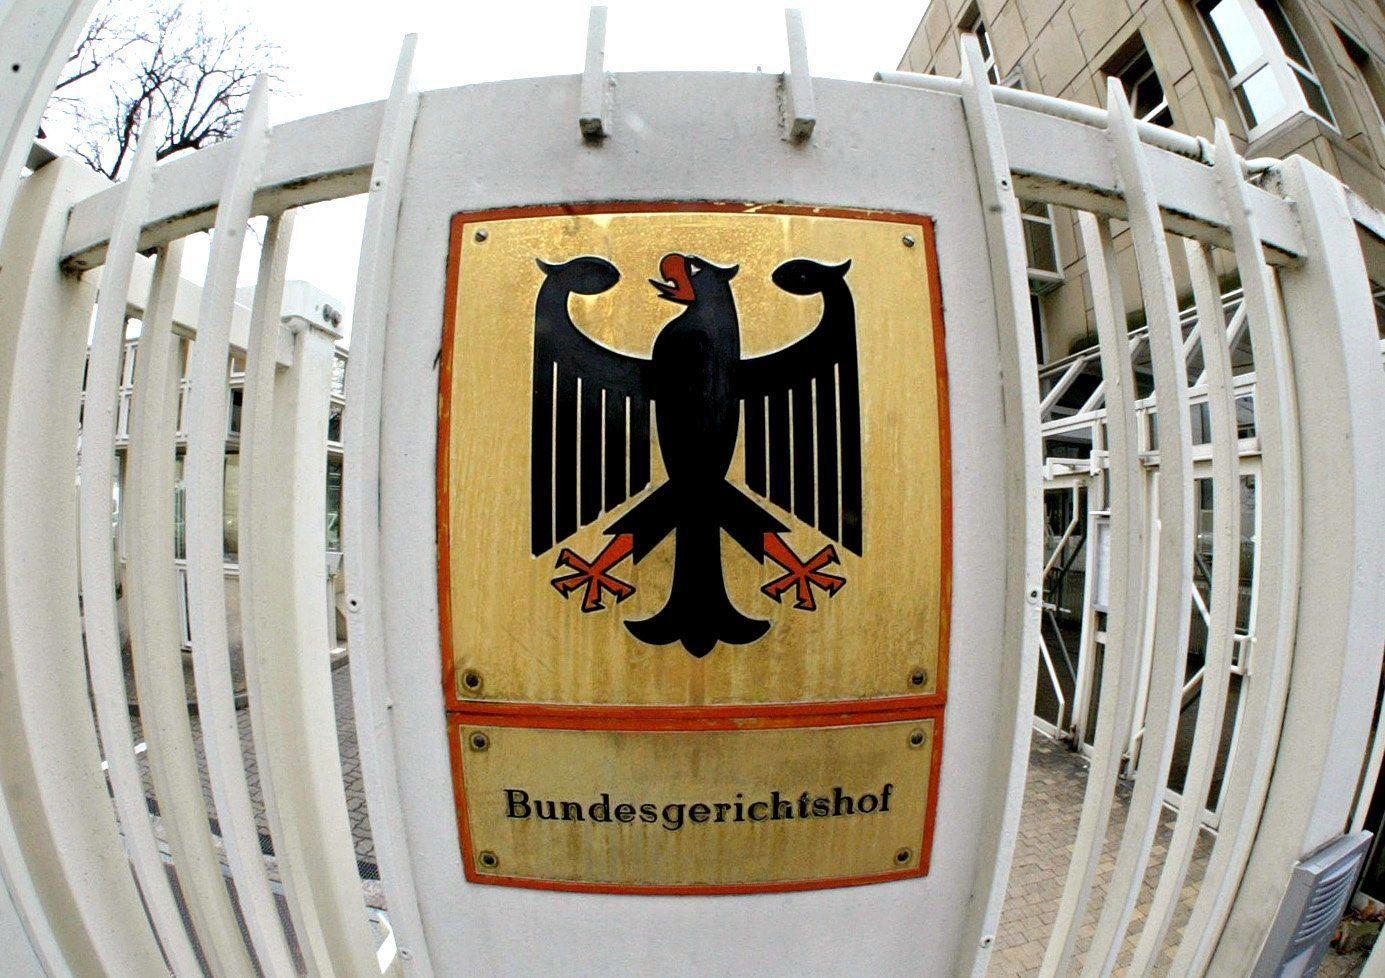 BGH - Schild / Bundesgerichtshof